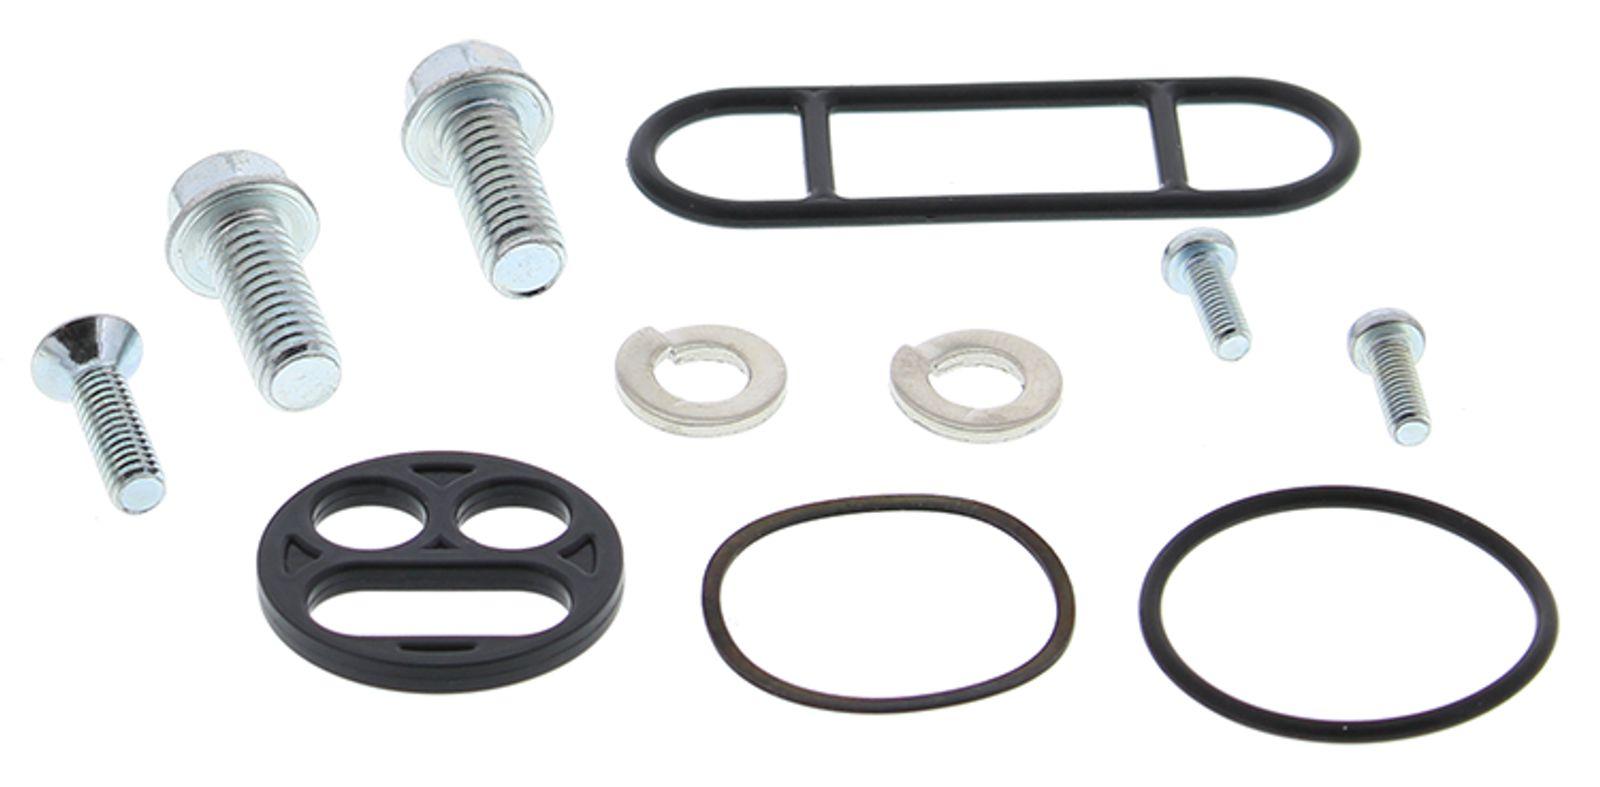 Wrp Fuel Tap Repair Kits - WRP601002 image